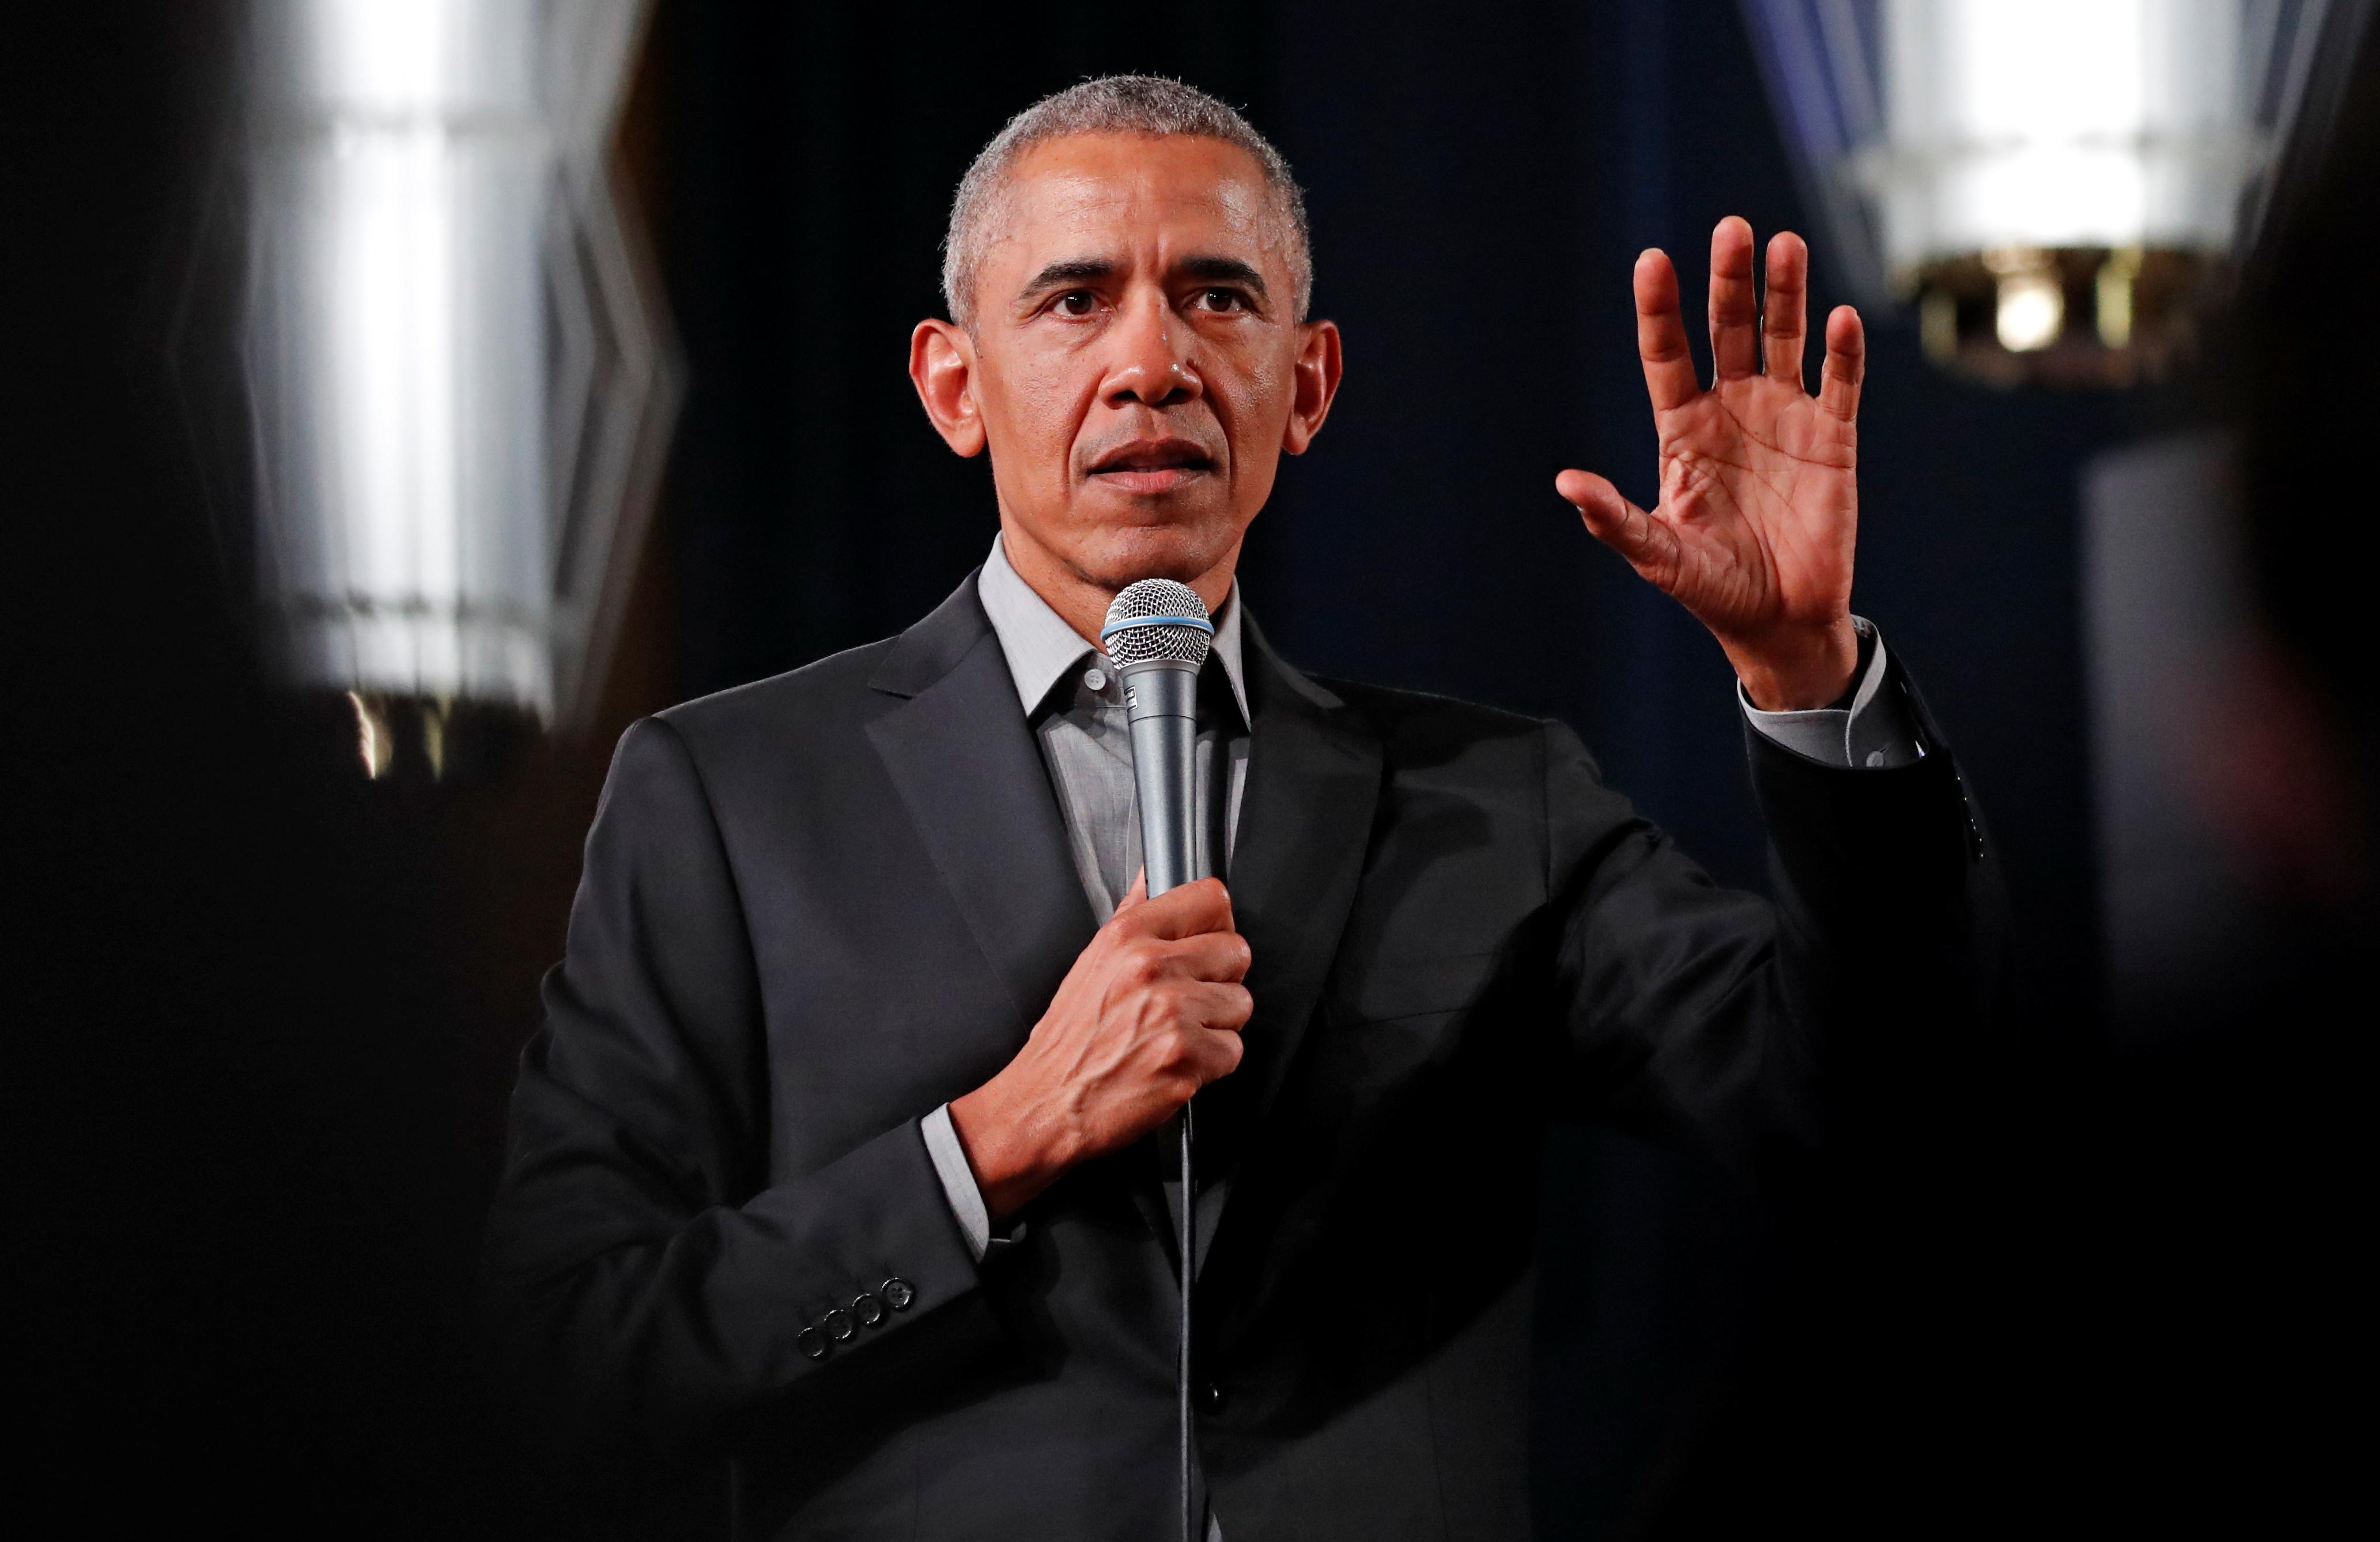 Former U.S. President Barack Obama addresses young leaders in Berlin